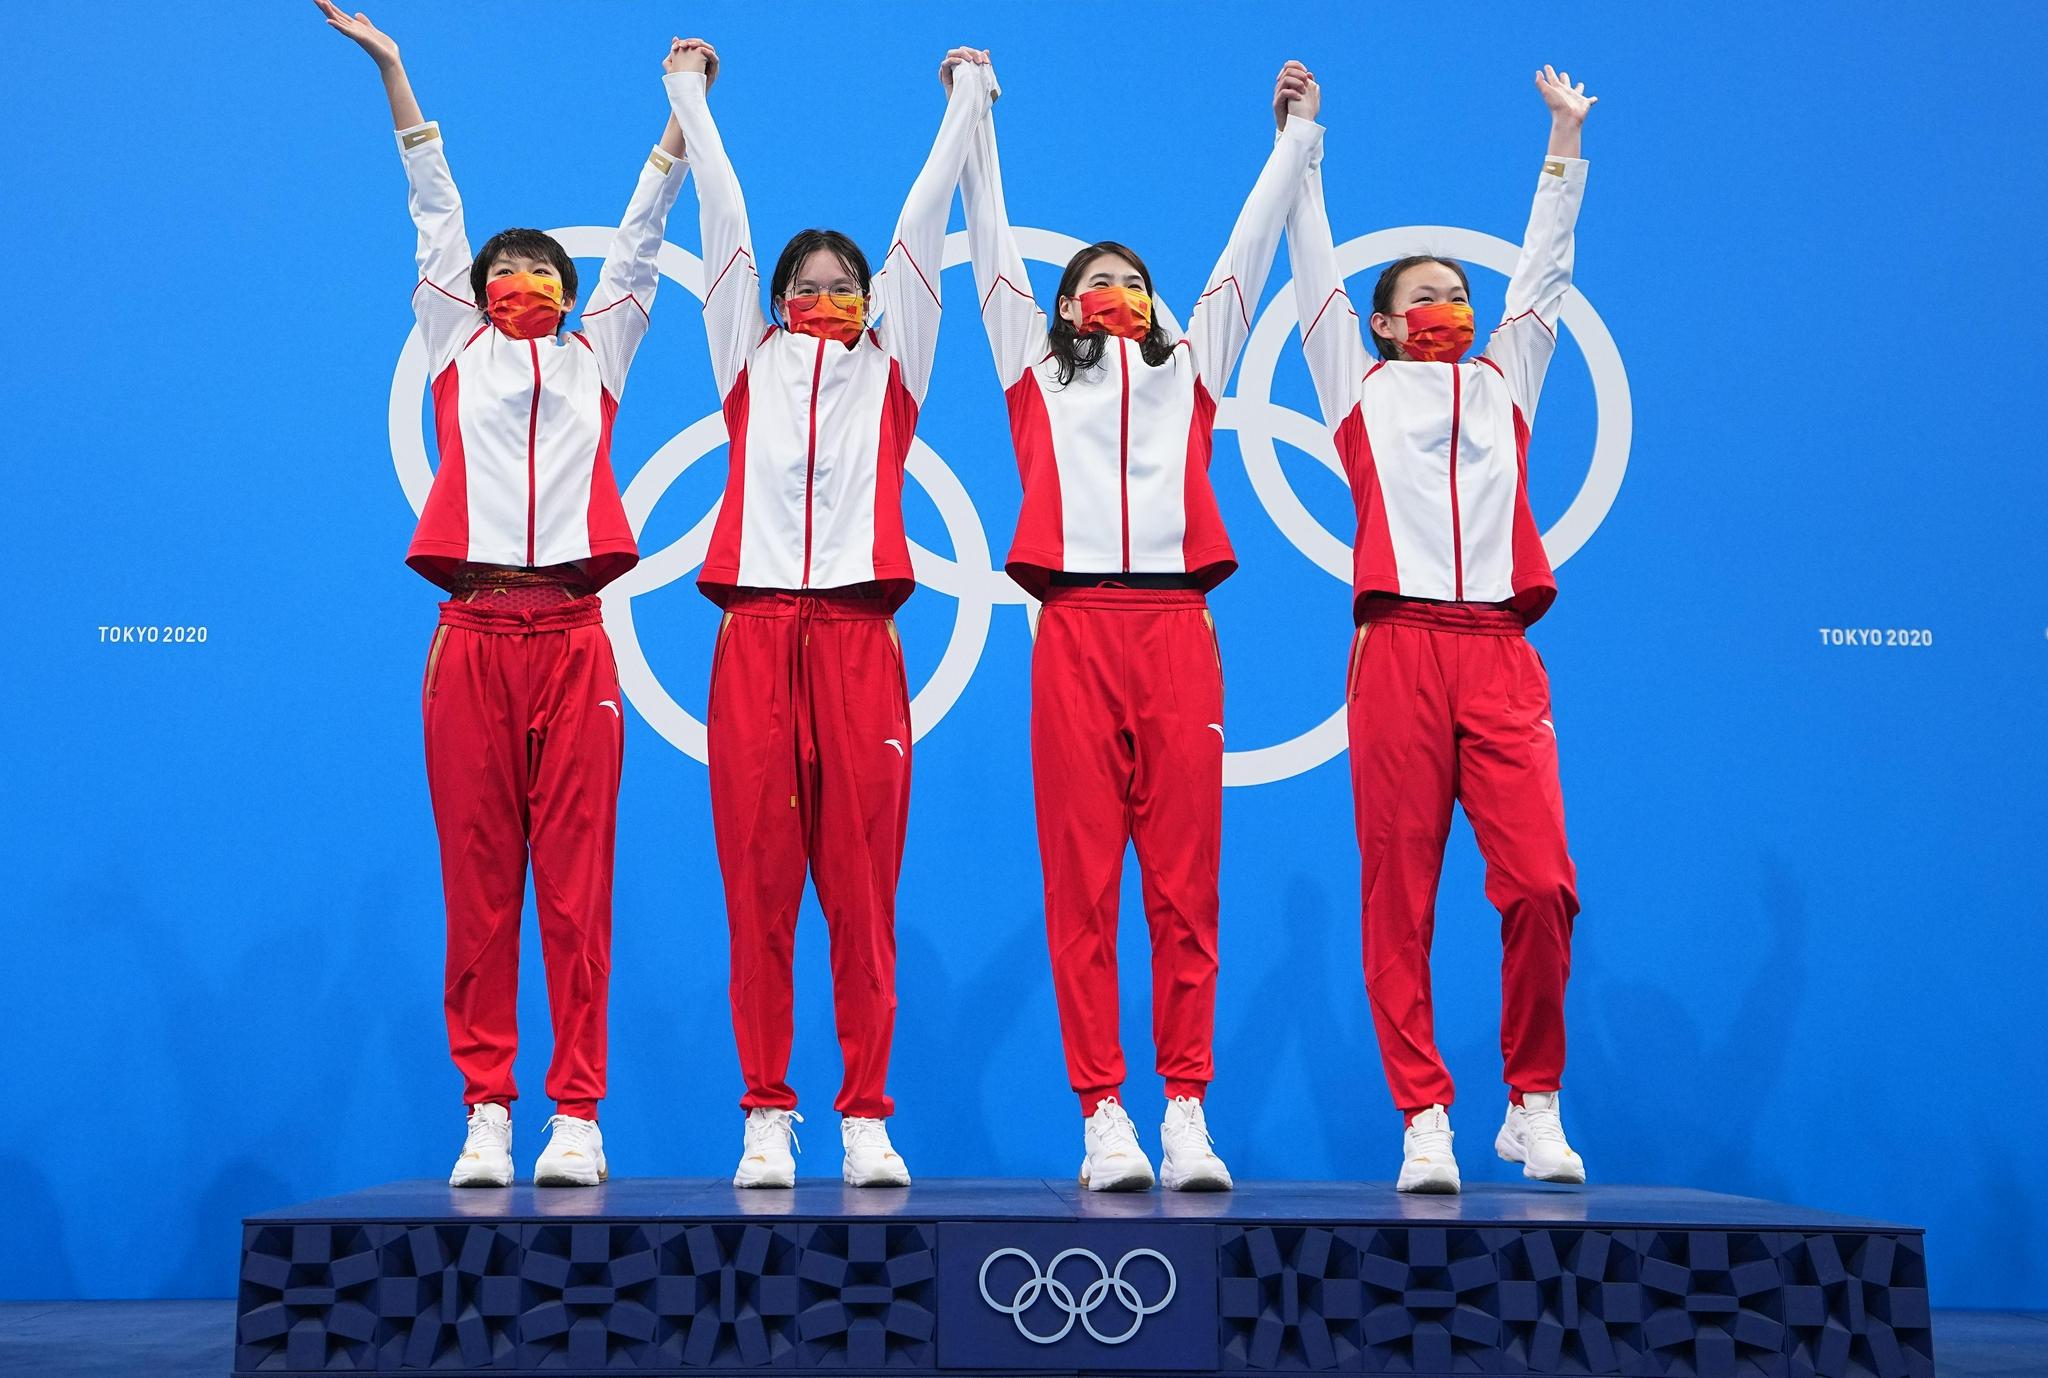 东京奥运会|长春姑娘汤慕涵摘金 东北大饭包安排上了